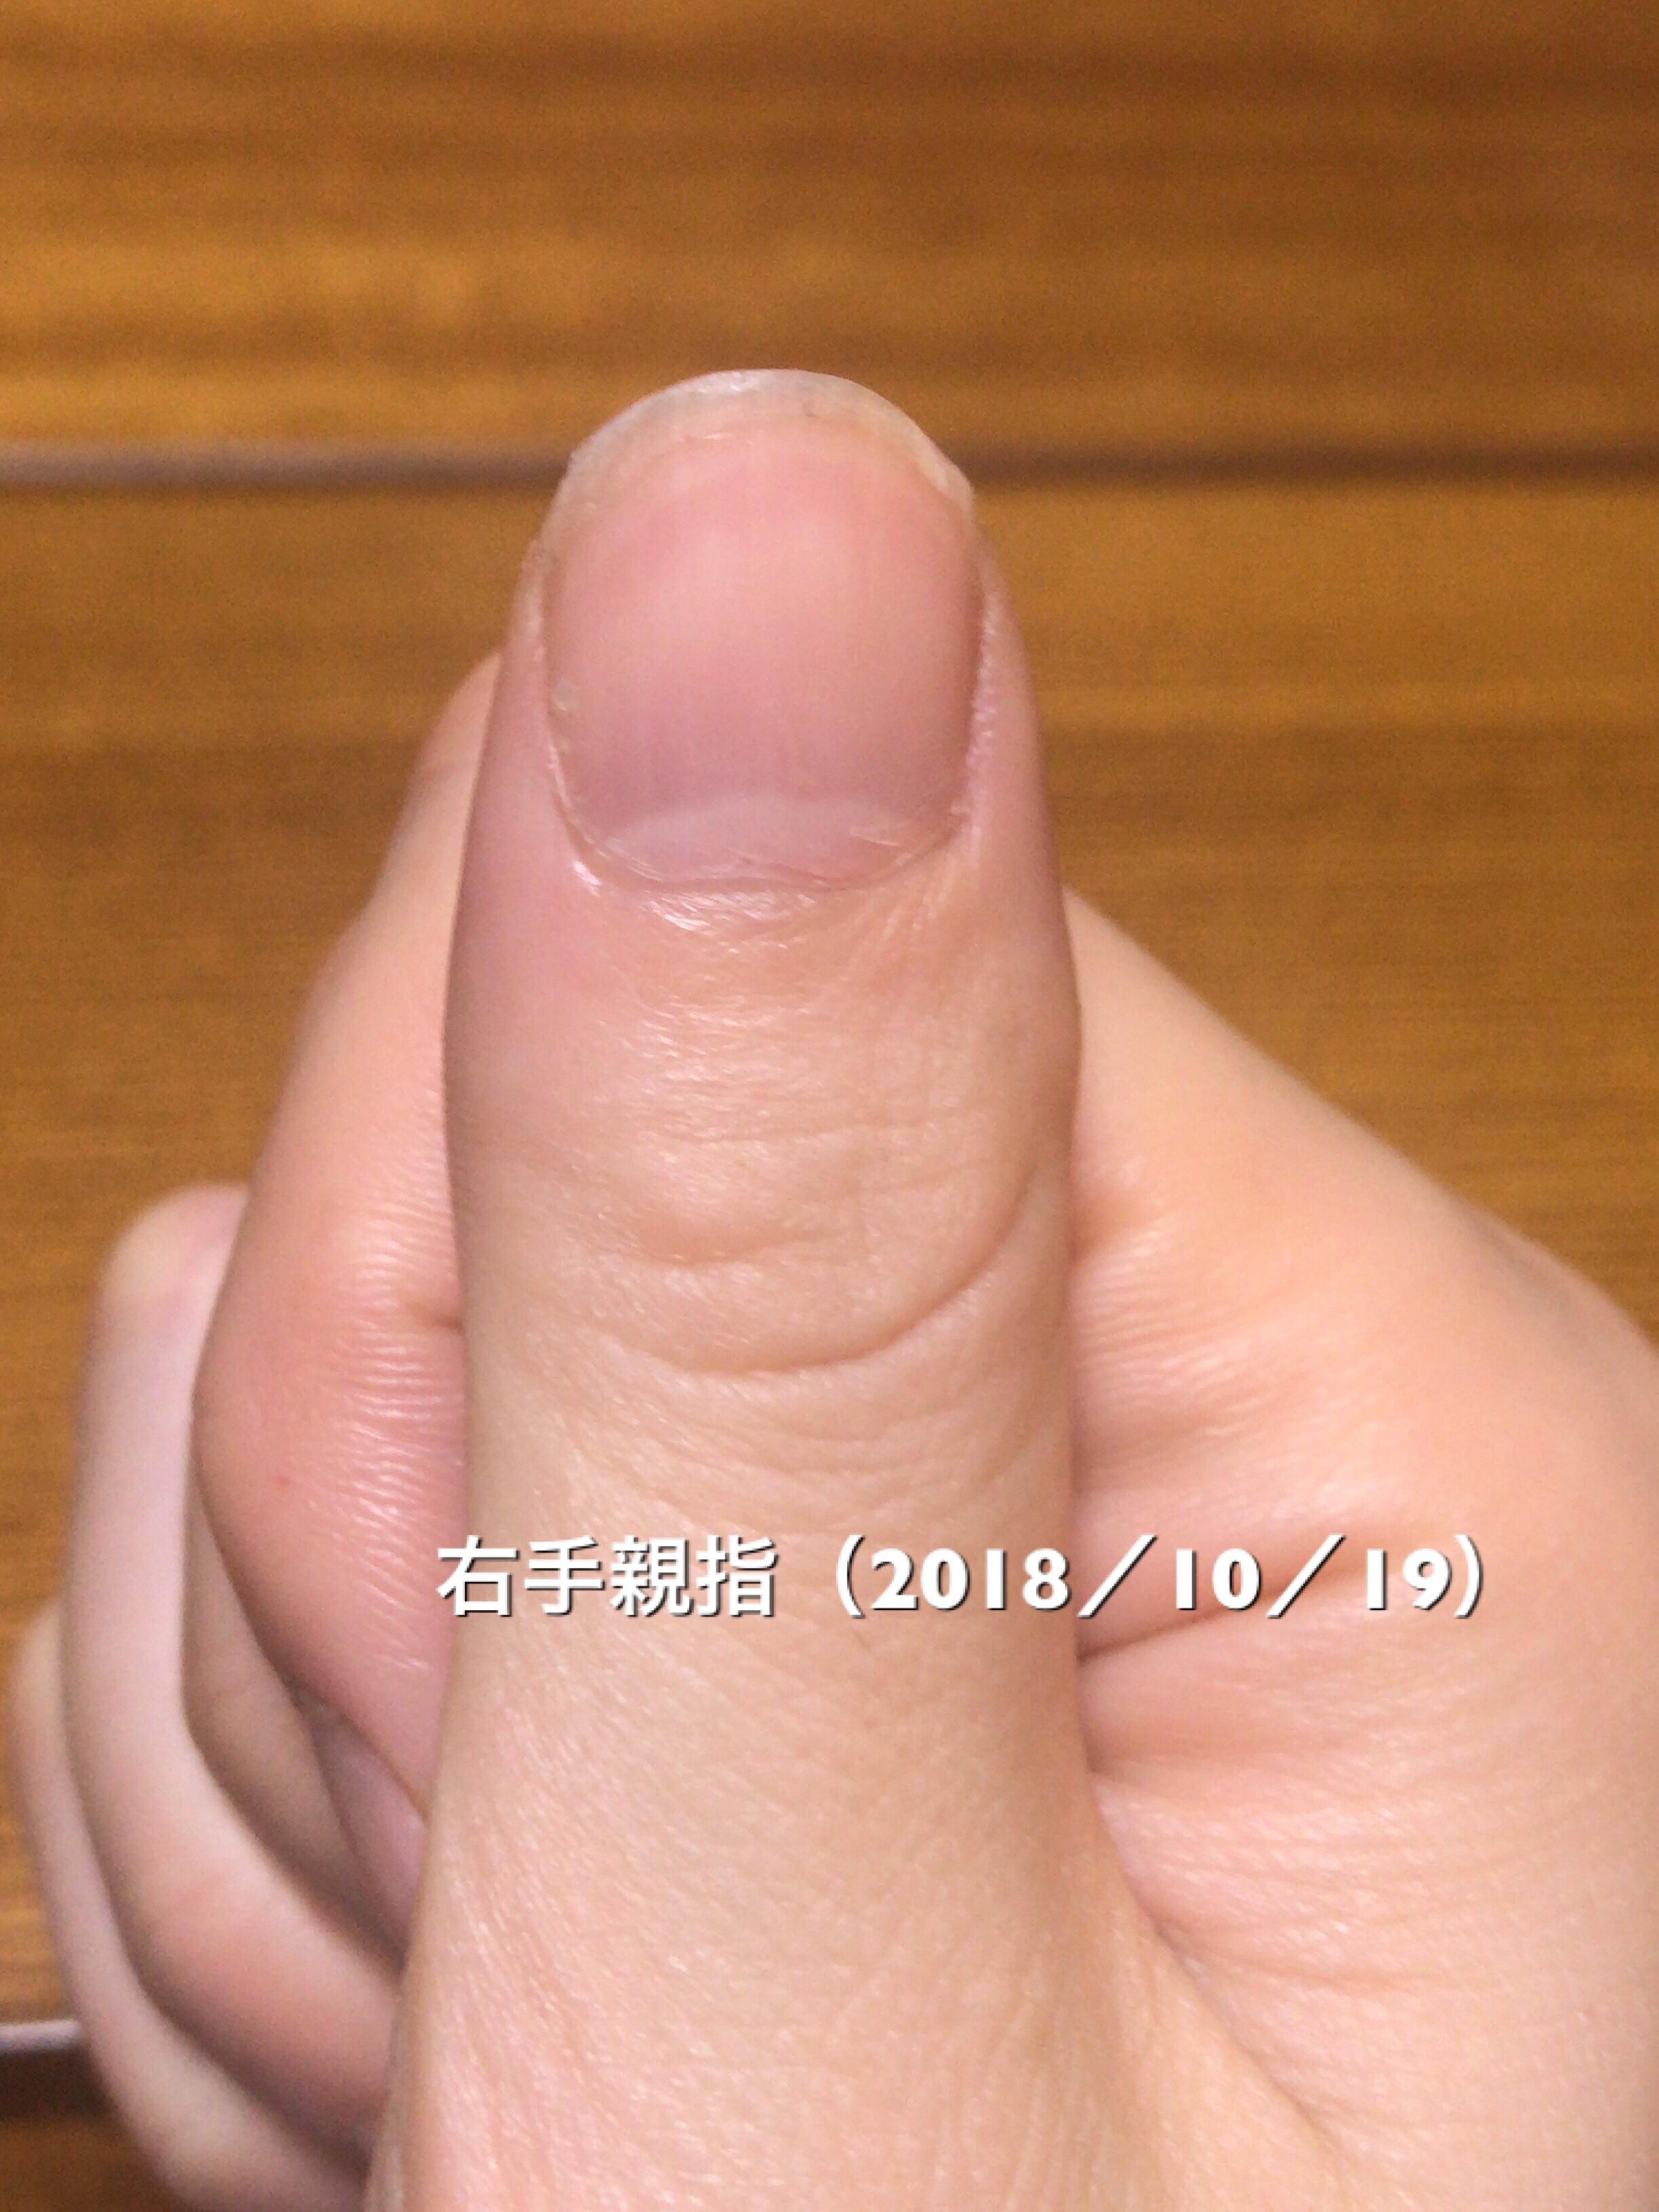 爪の白い部分とピンクの部分の境目に、ハイポニキウムが伸びた部分(1ミリほどの幅の白っぽいピンク色の部分)があるのがお分かり頂けますでしょうか?ちょっとずつですが、ネイルベッドが縦に伸びてきています。という写真